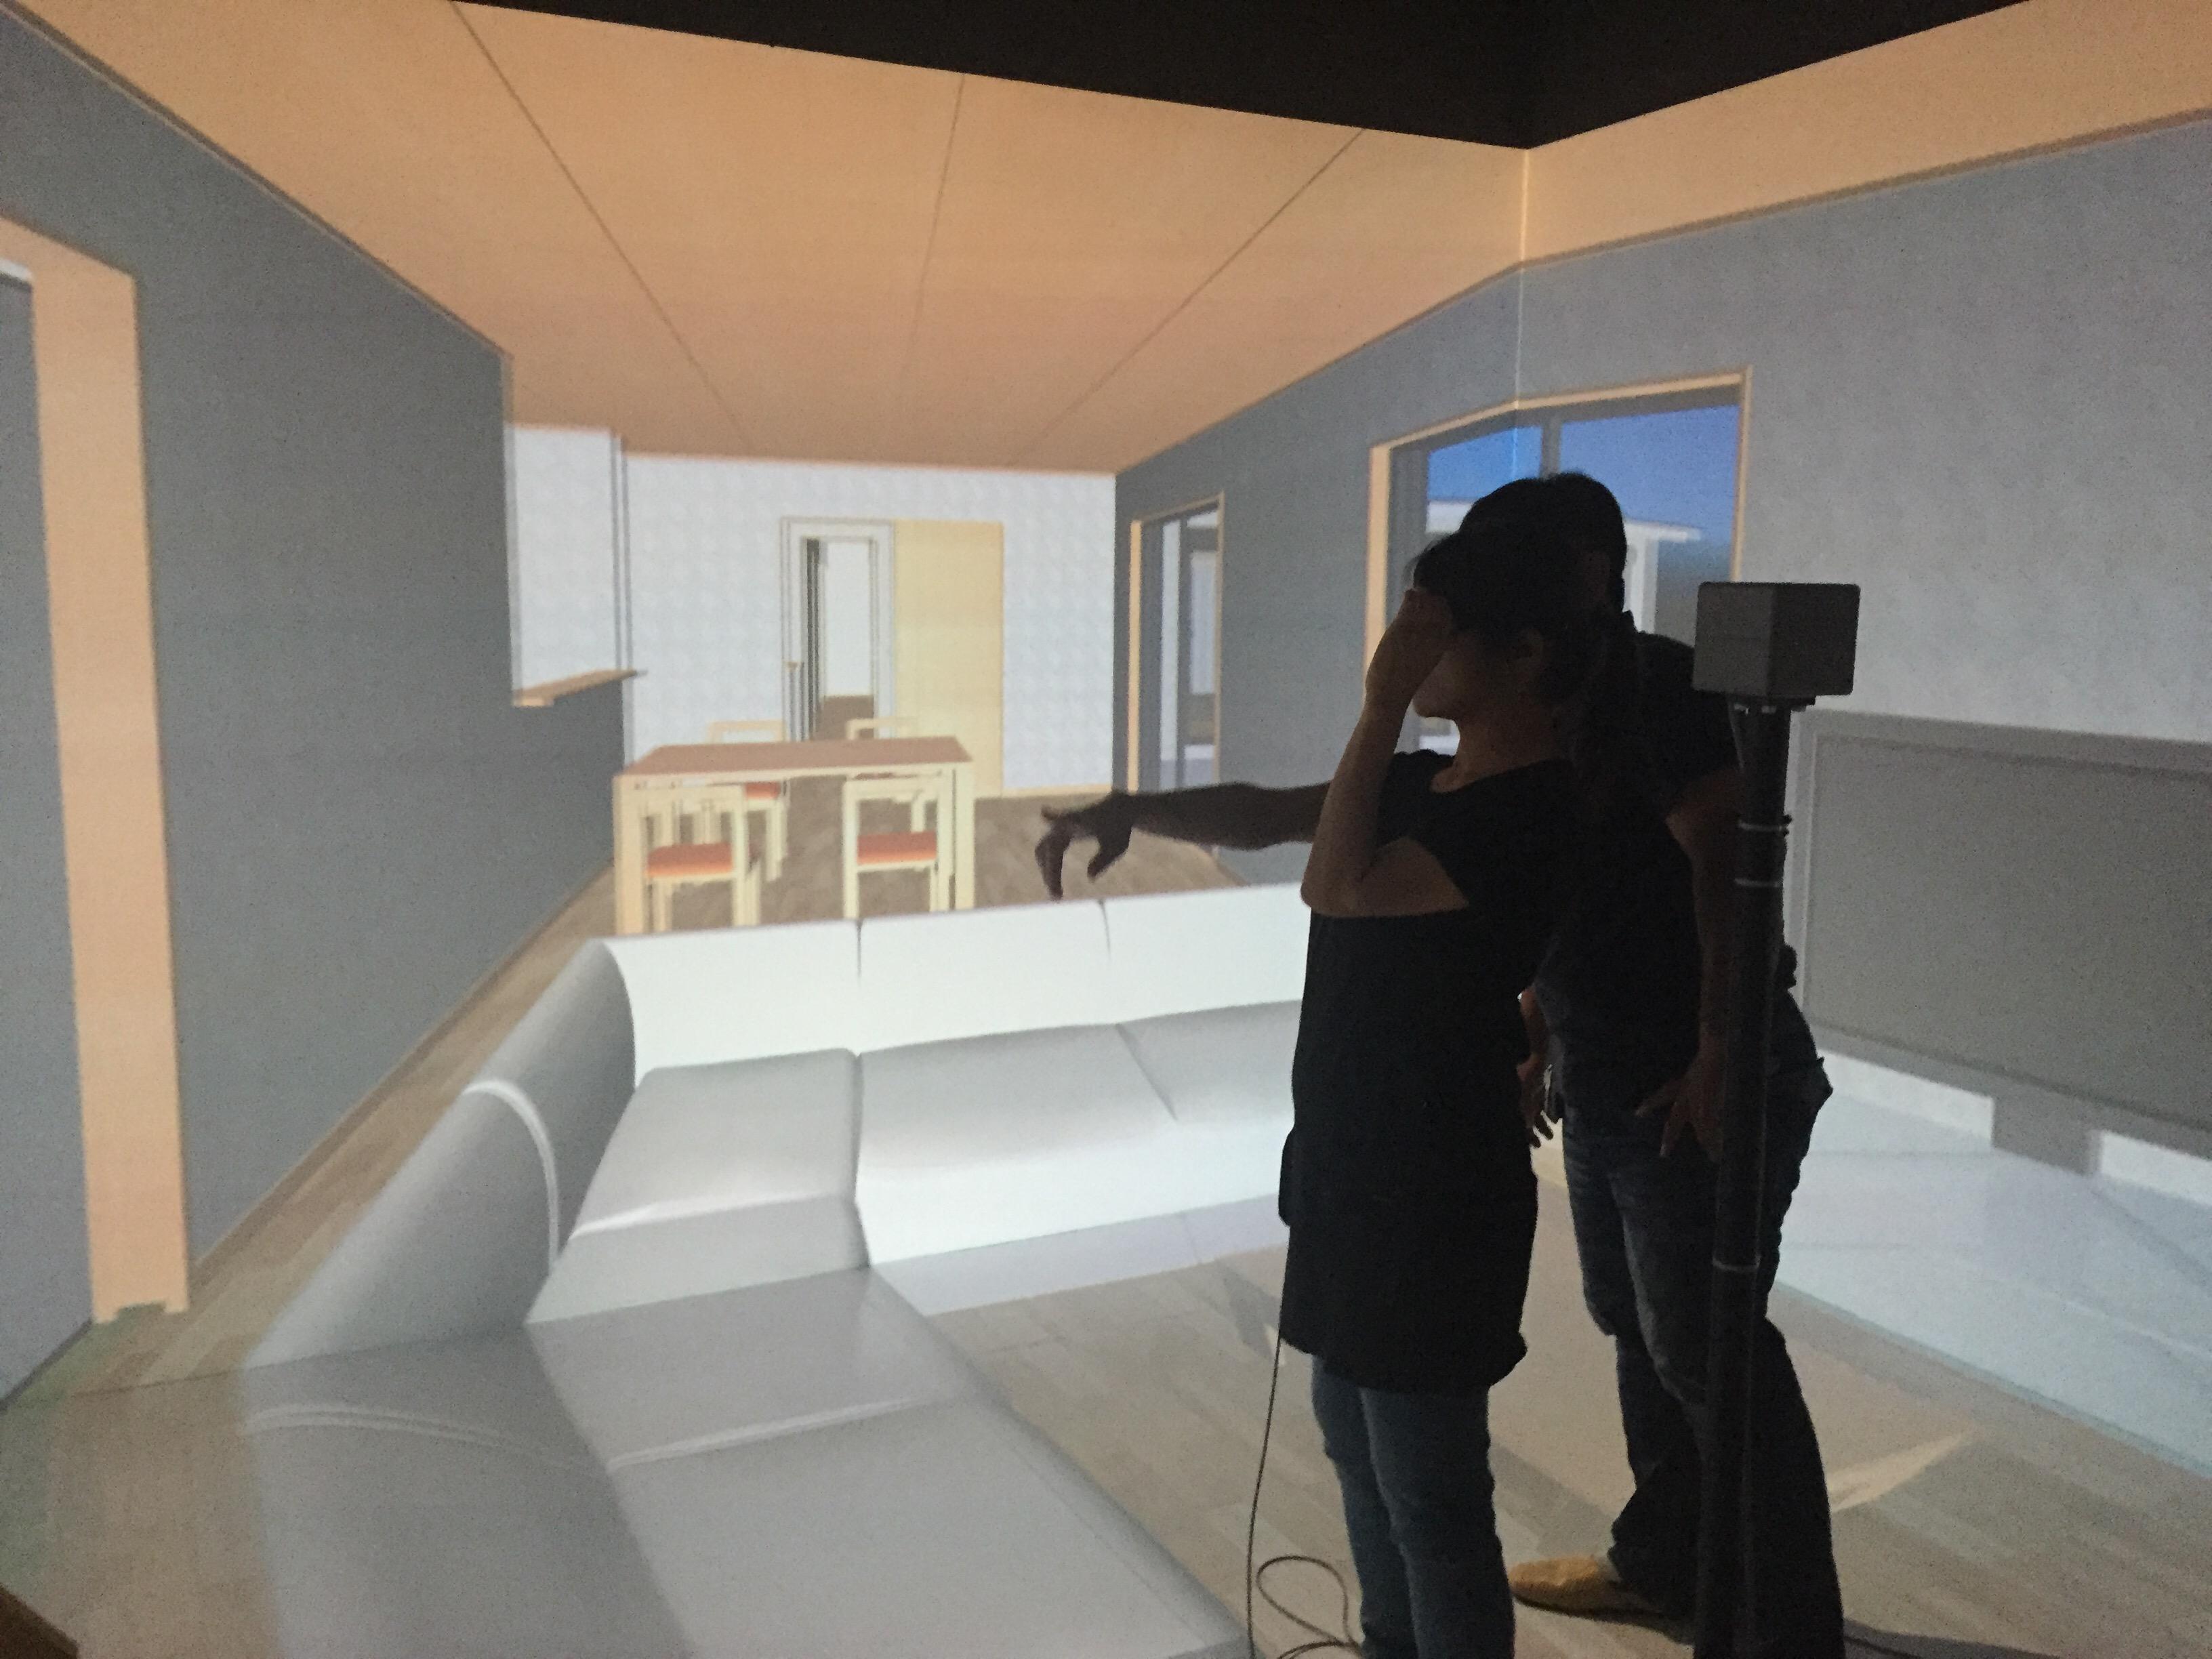 計画中の注文住宅をバーチャルショールームで出来上がりを体験しよう。